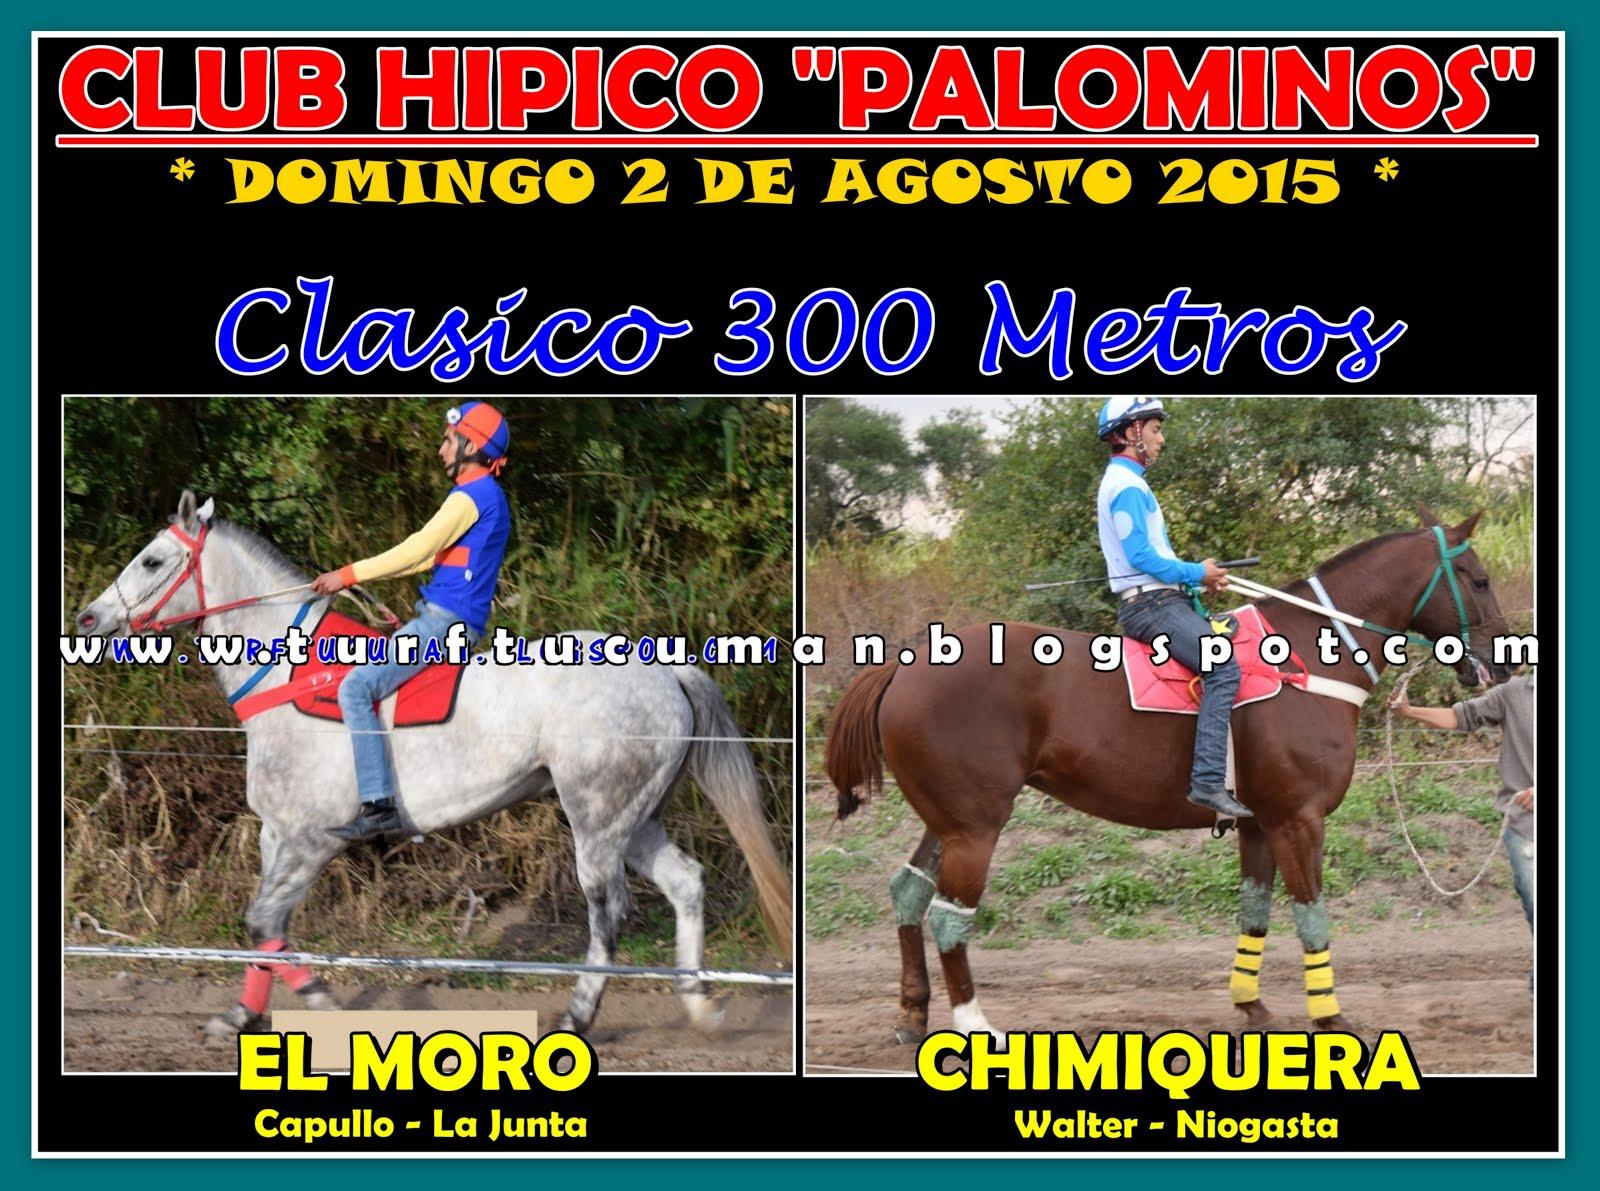 MORO CHIMIQUERA